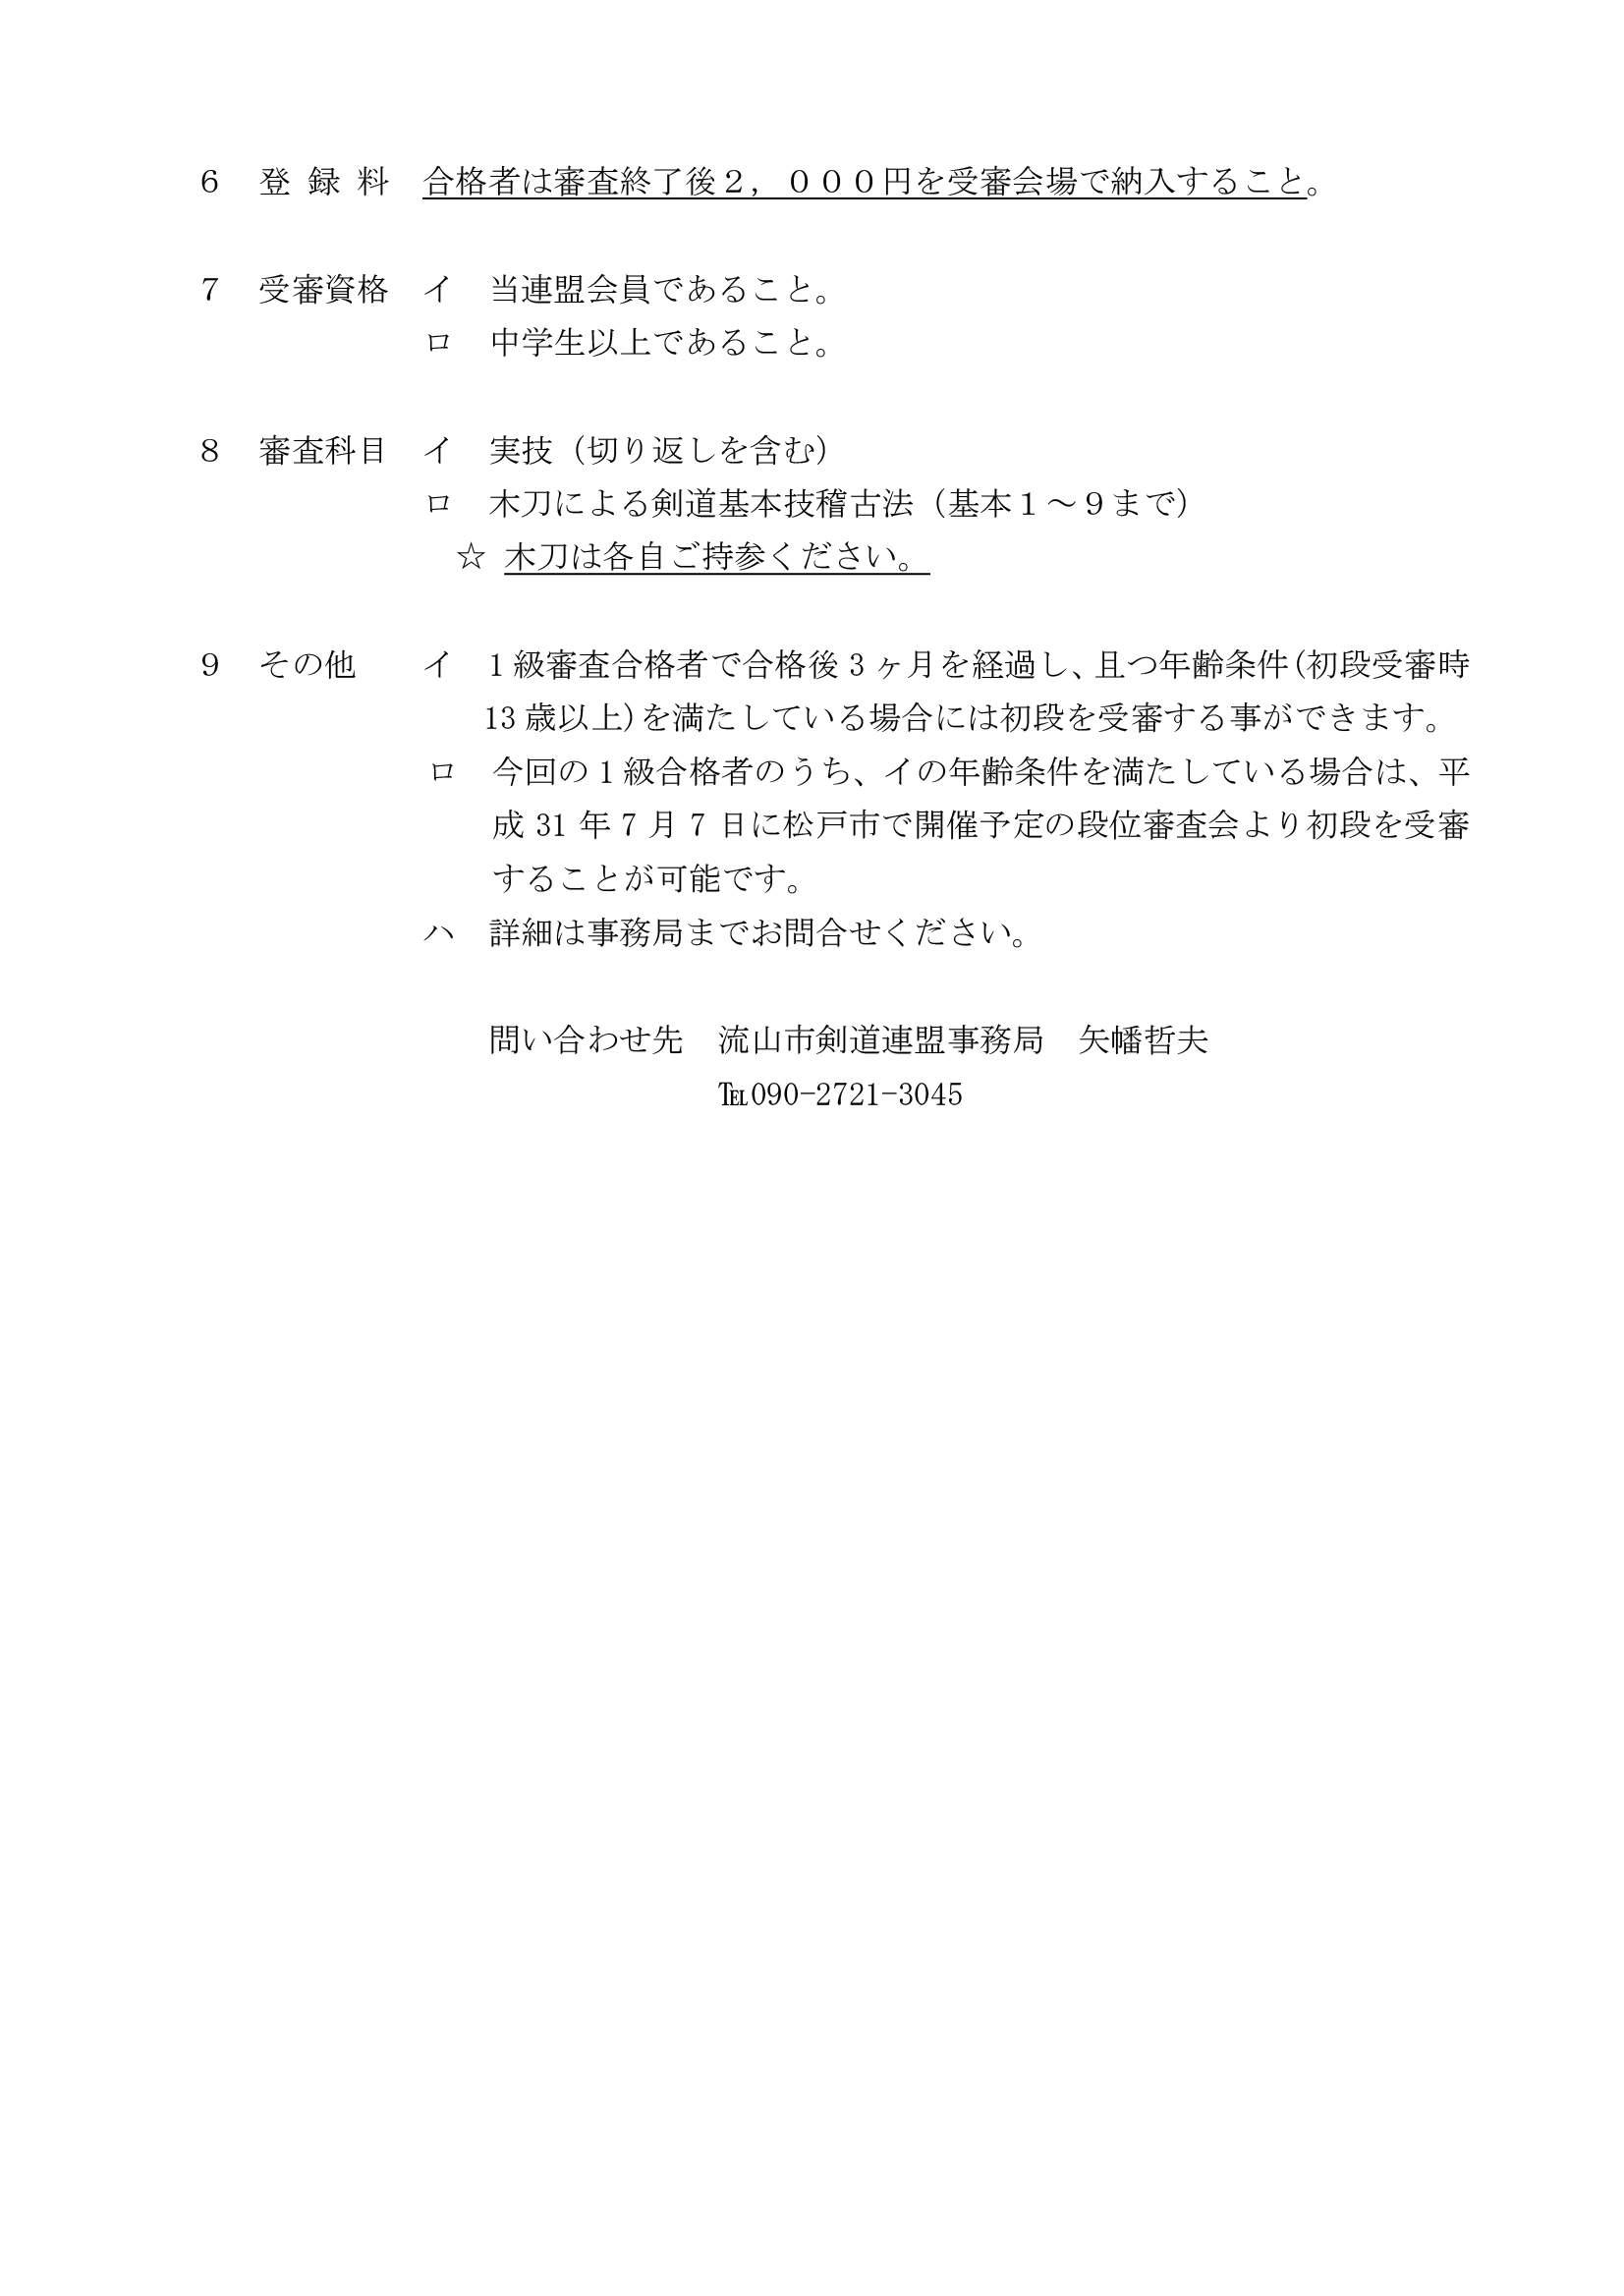 1級審査会案内H31-4(HP版)_0002